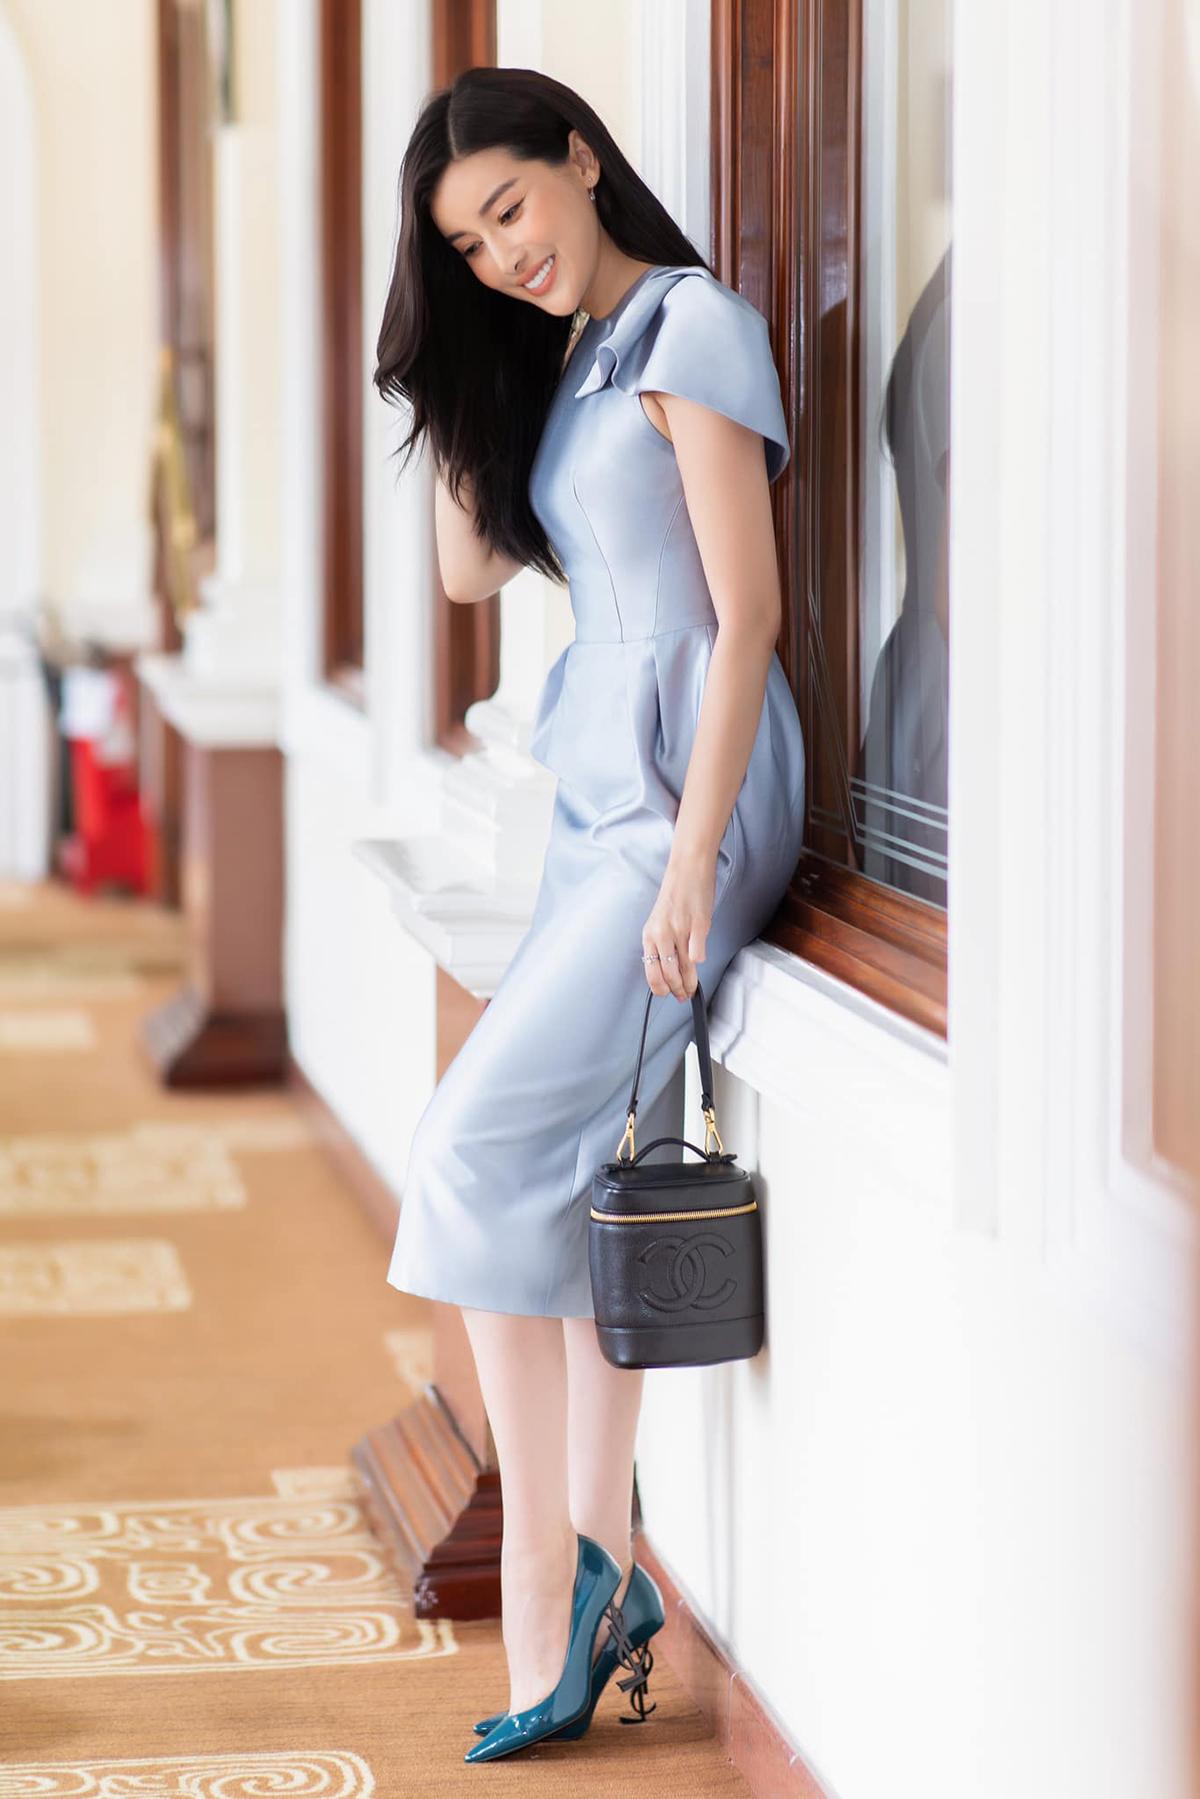 Dù có thân hình gợi cảm, Cao Thái Hà ít khi mặc đồ kiệm vải. Thời trang thanh lịch giúp nữ diễn viên luôn giữ hình tượng mỗi khi xuất hiện,